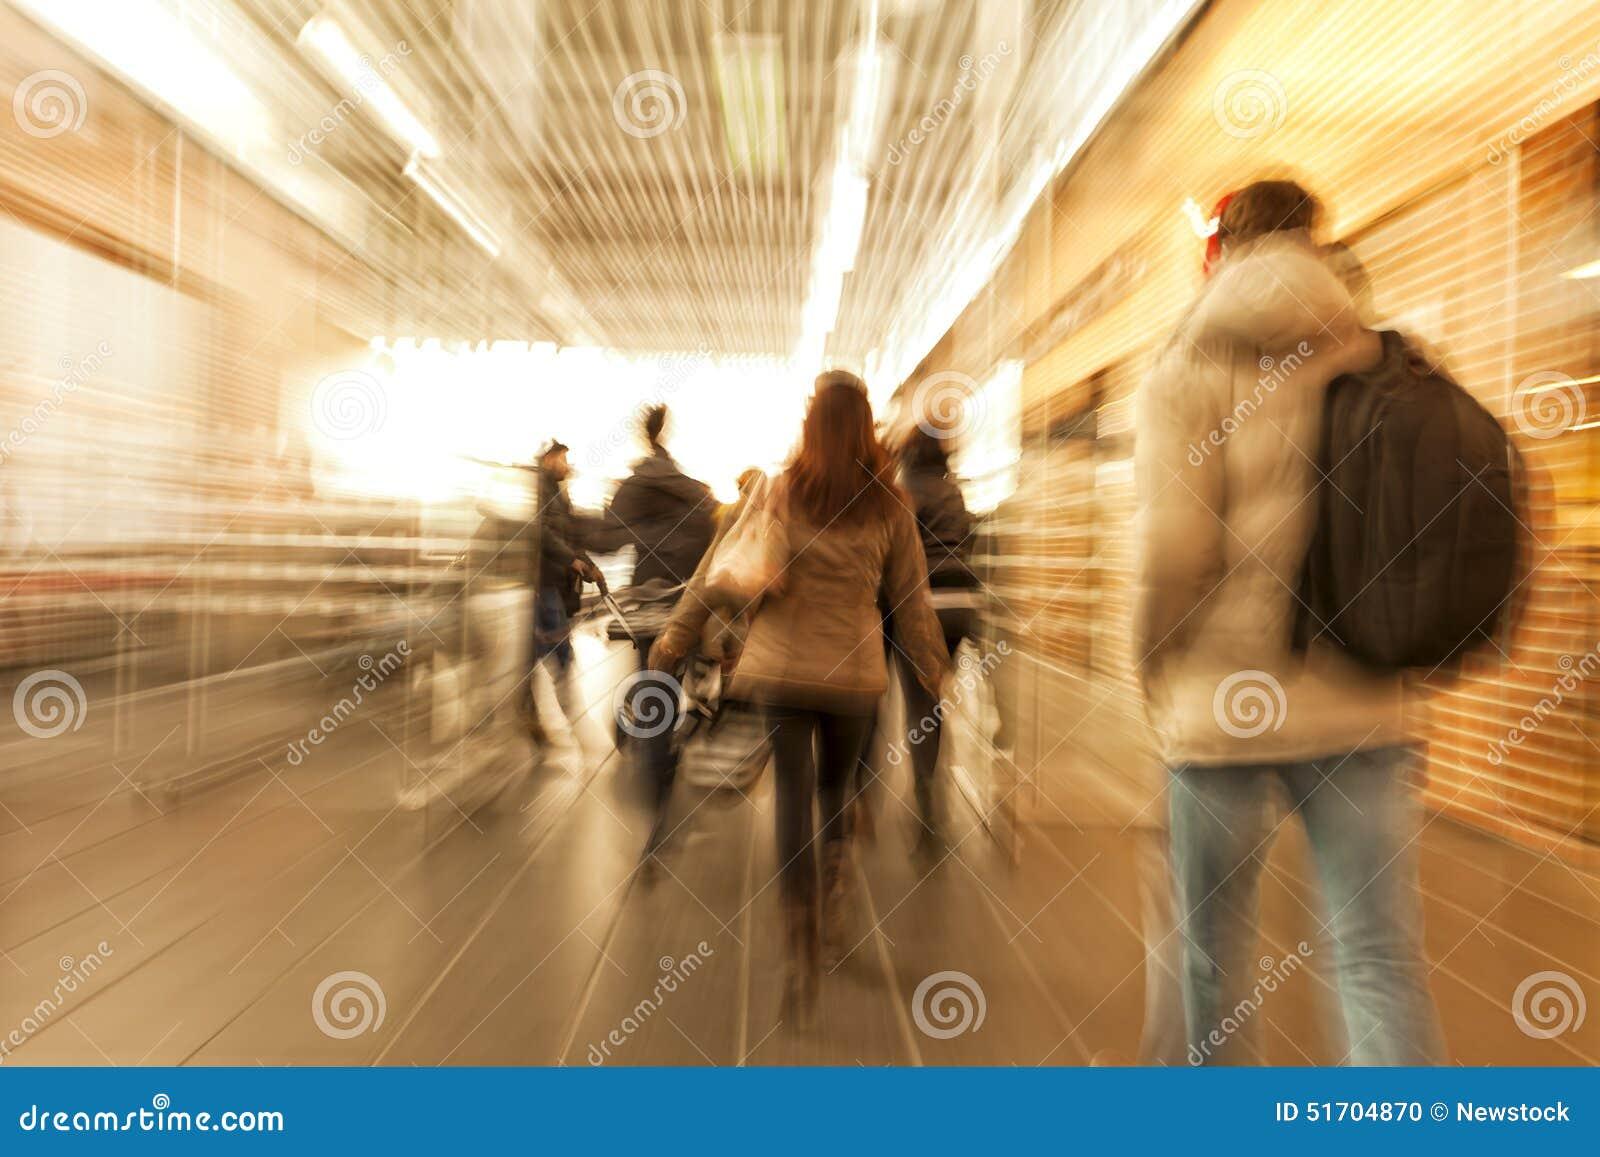 Kupującego gnanie przez korytarza, zoomu skutek, ruch plama, krzyż